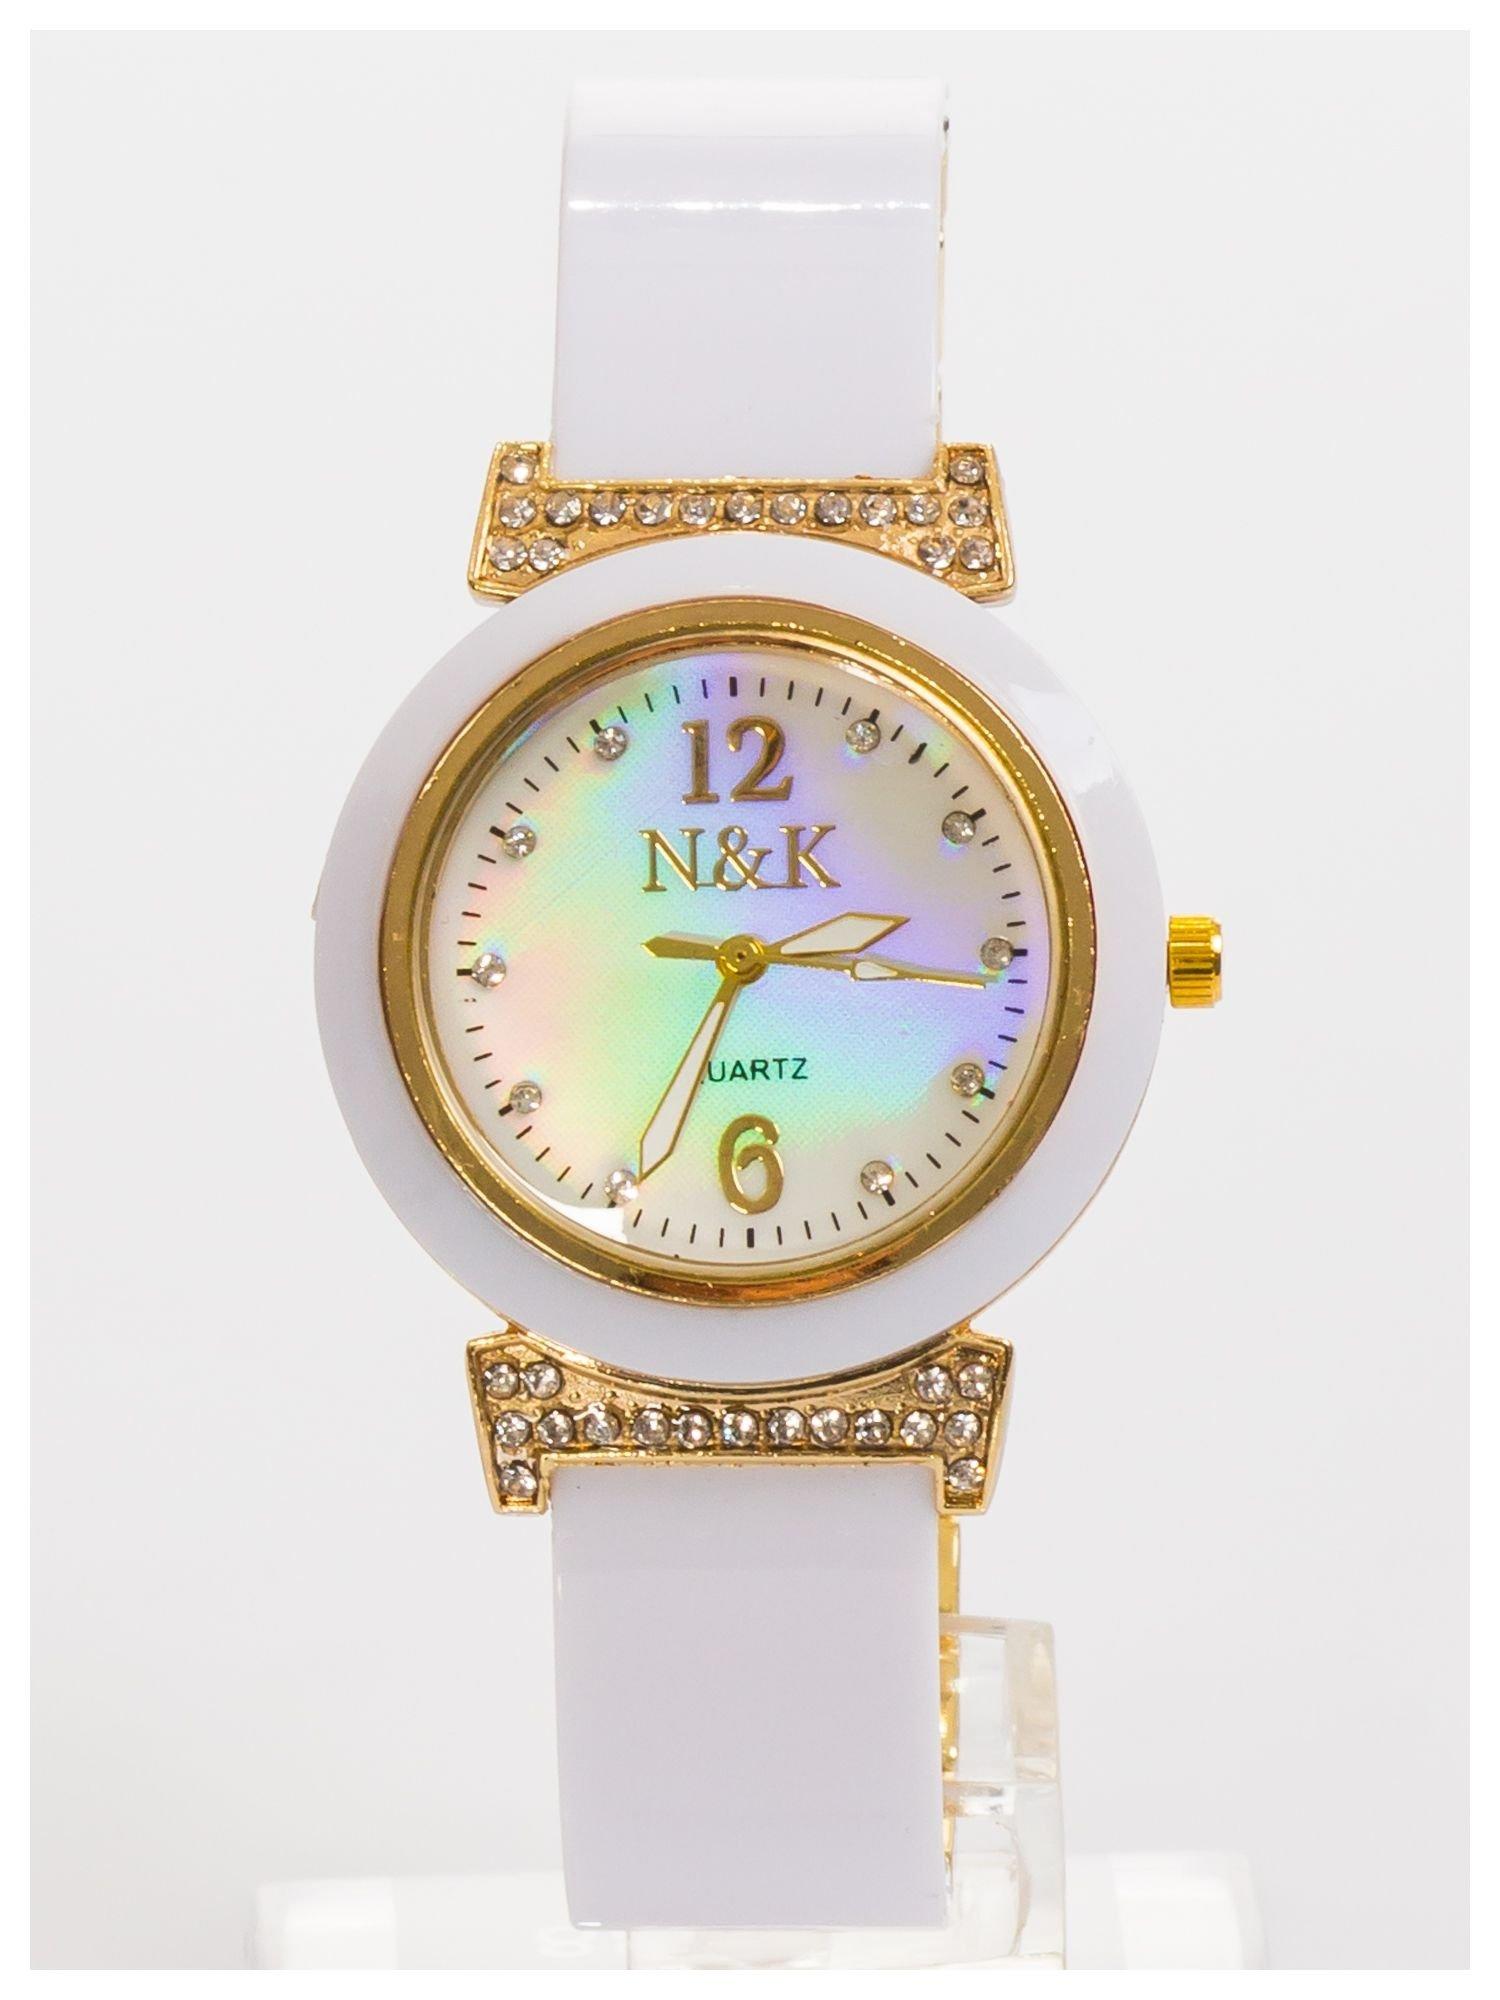 N&K Zegarek damski z perłową tarczą na bransolecie                                  zdj.                                  2